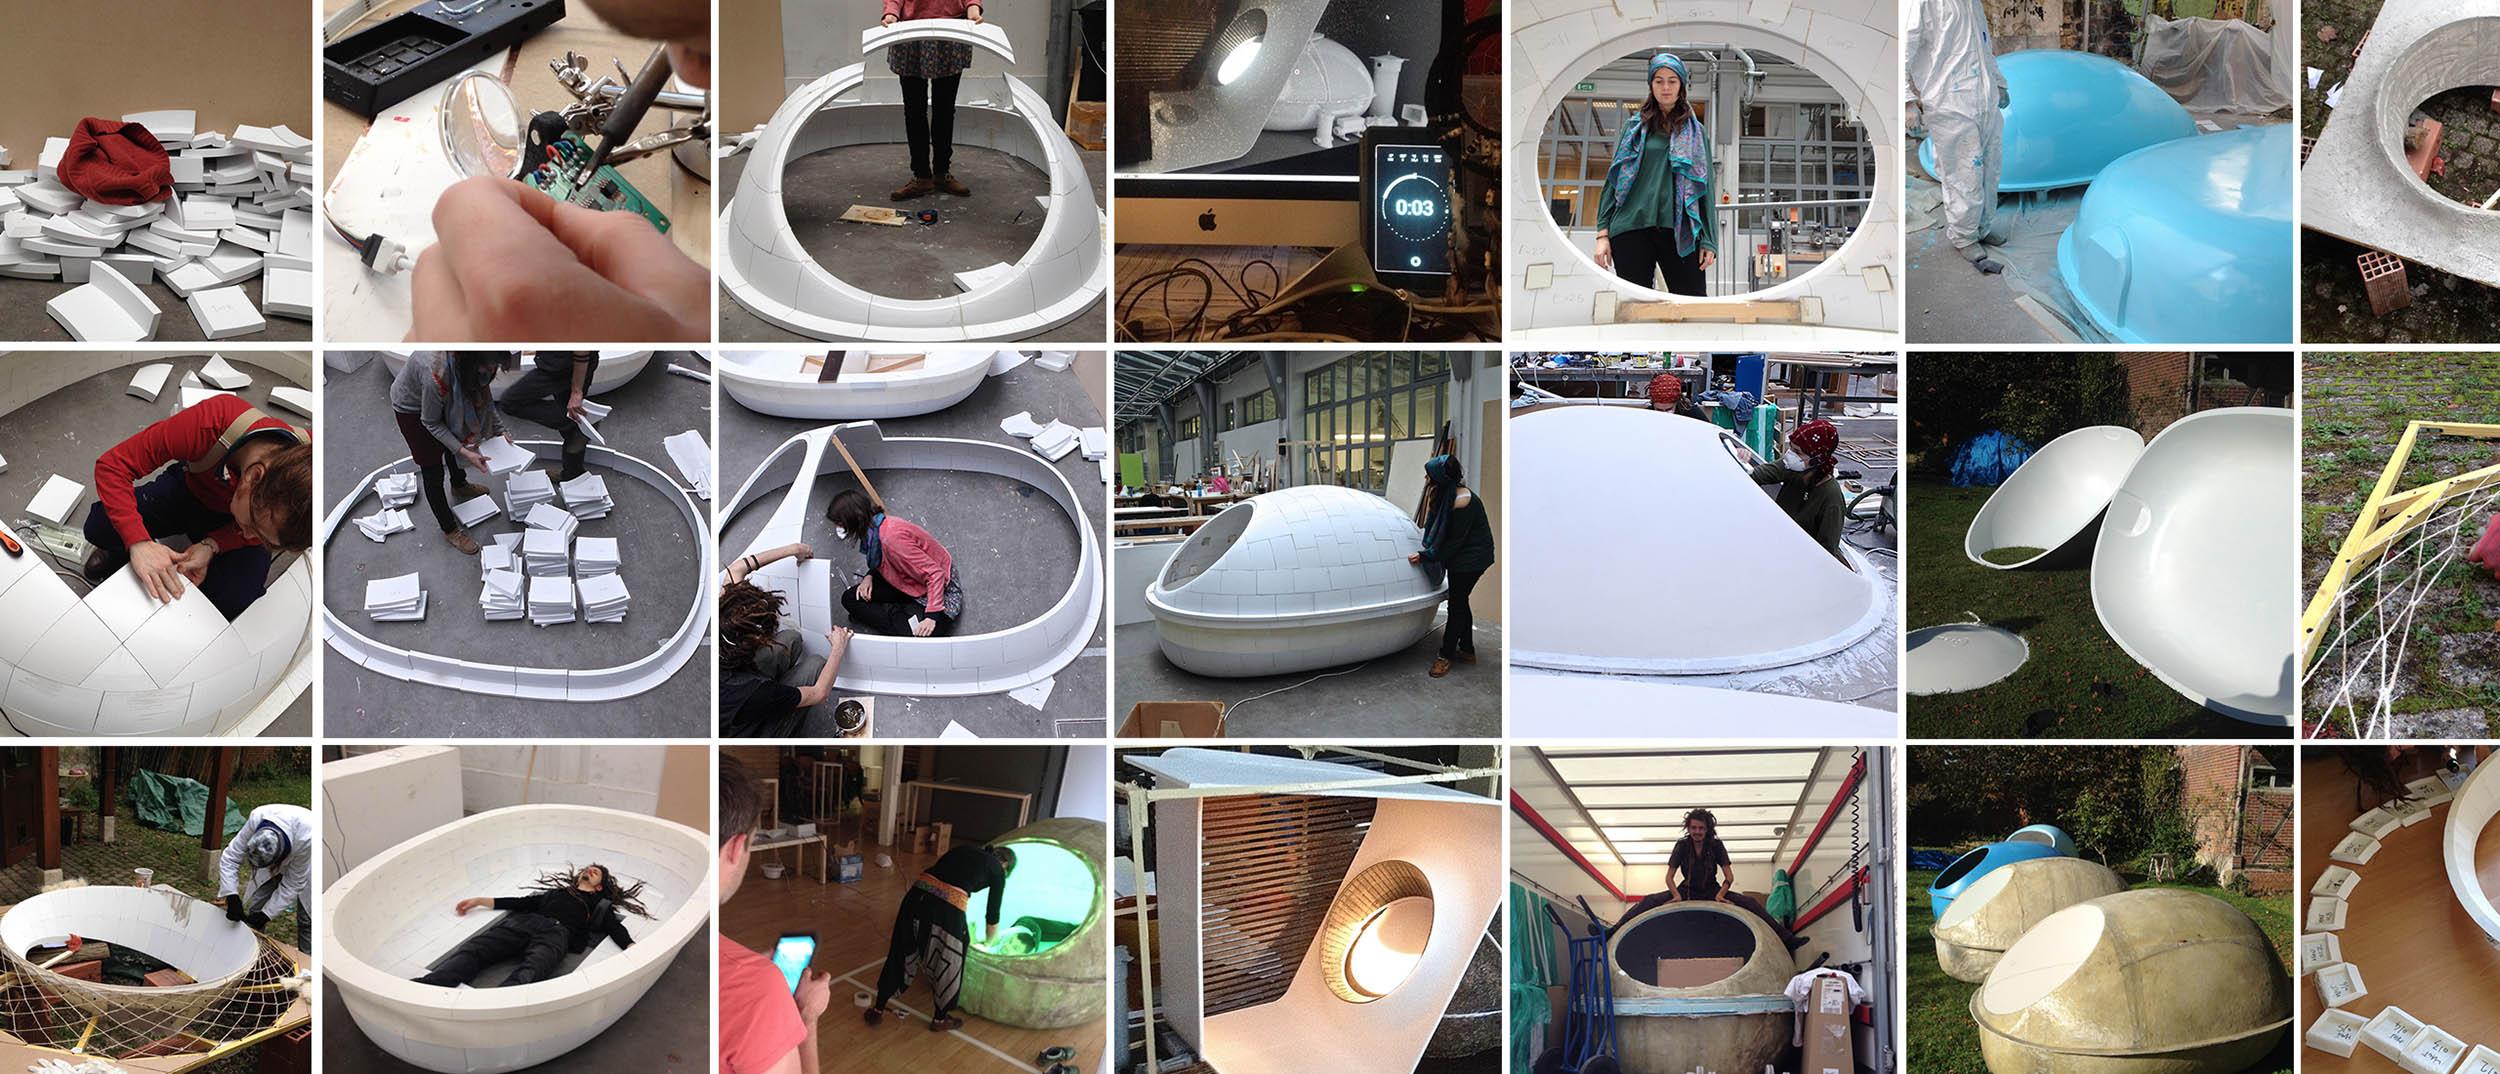 fabrication, impression 3D, caisson isolation sensorielle, do it yourself, DIY, meiso, Paris, cocon flottaison, jeune, entrepreneur, nouvelles technologies, innovation, maker